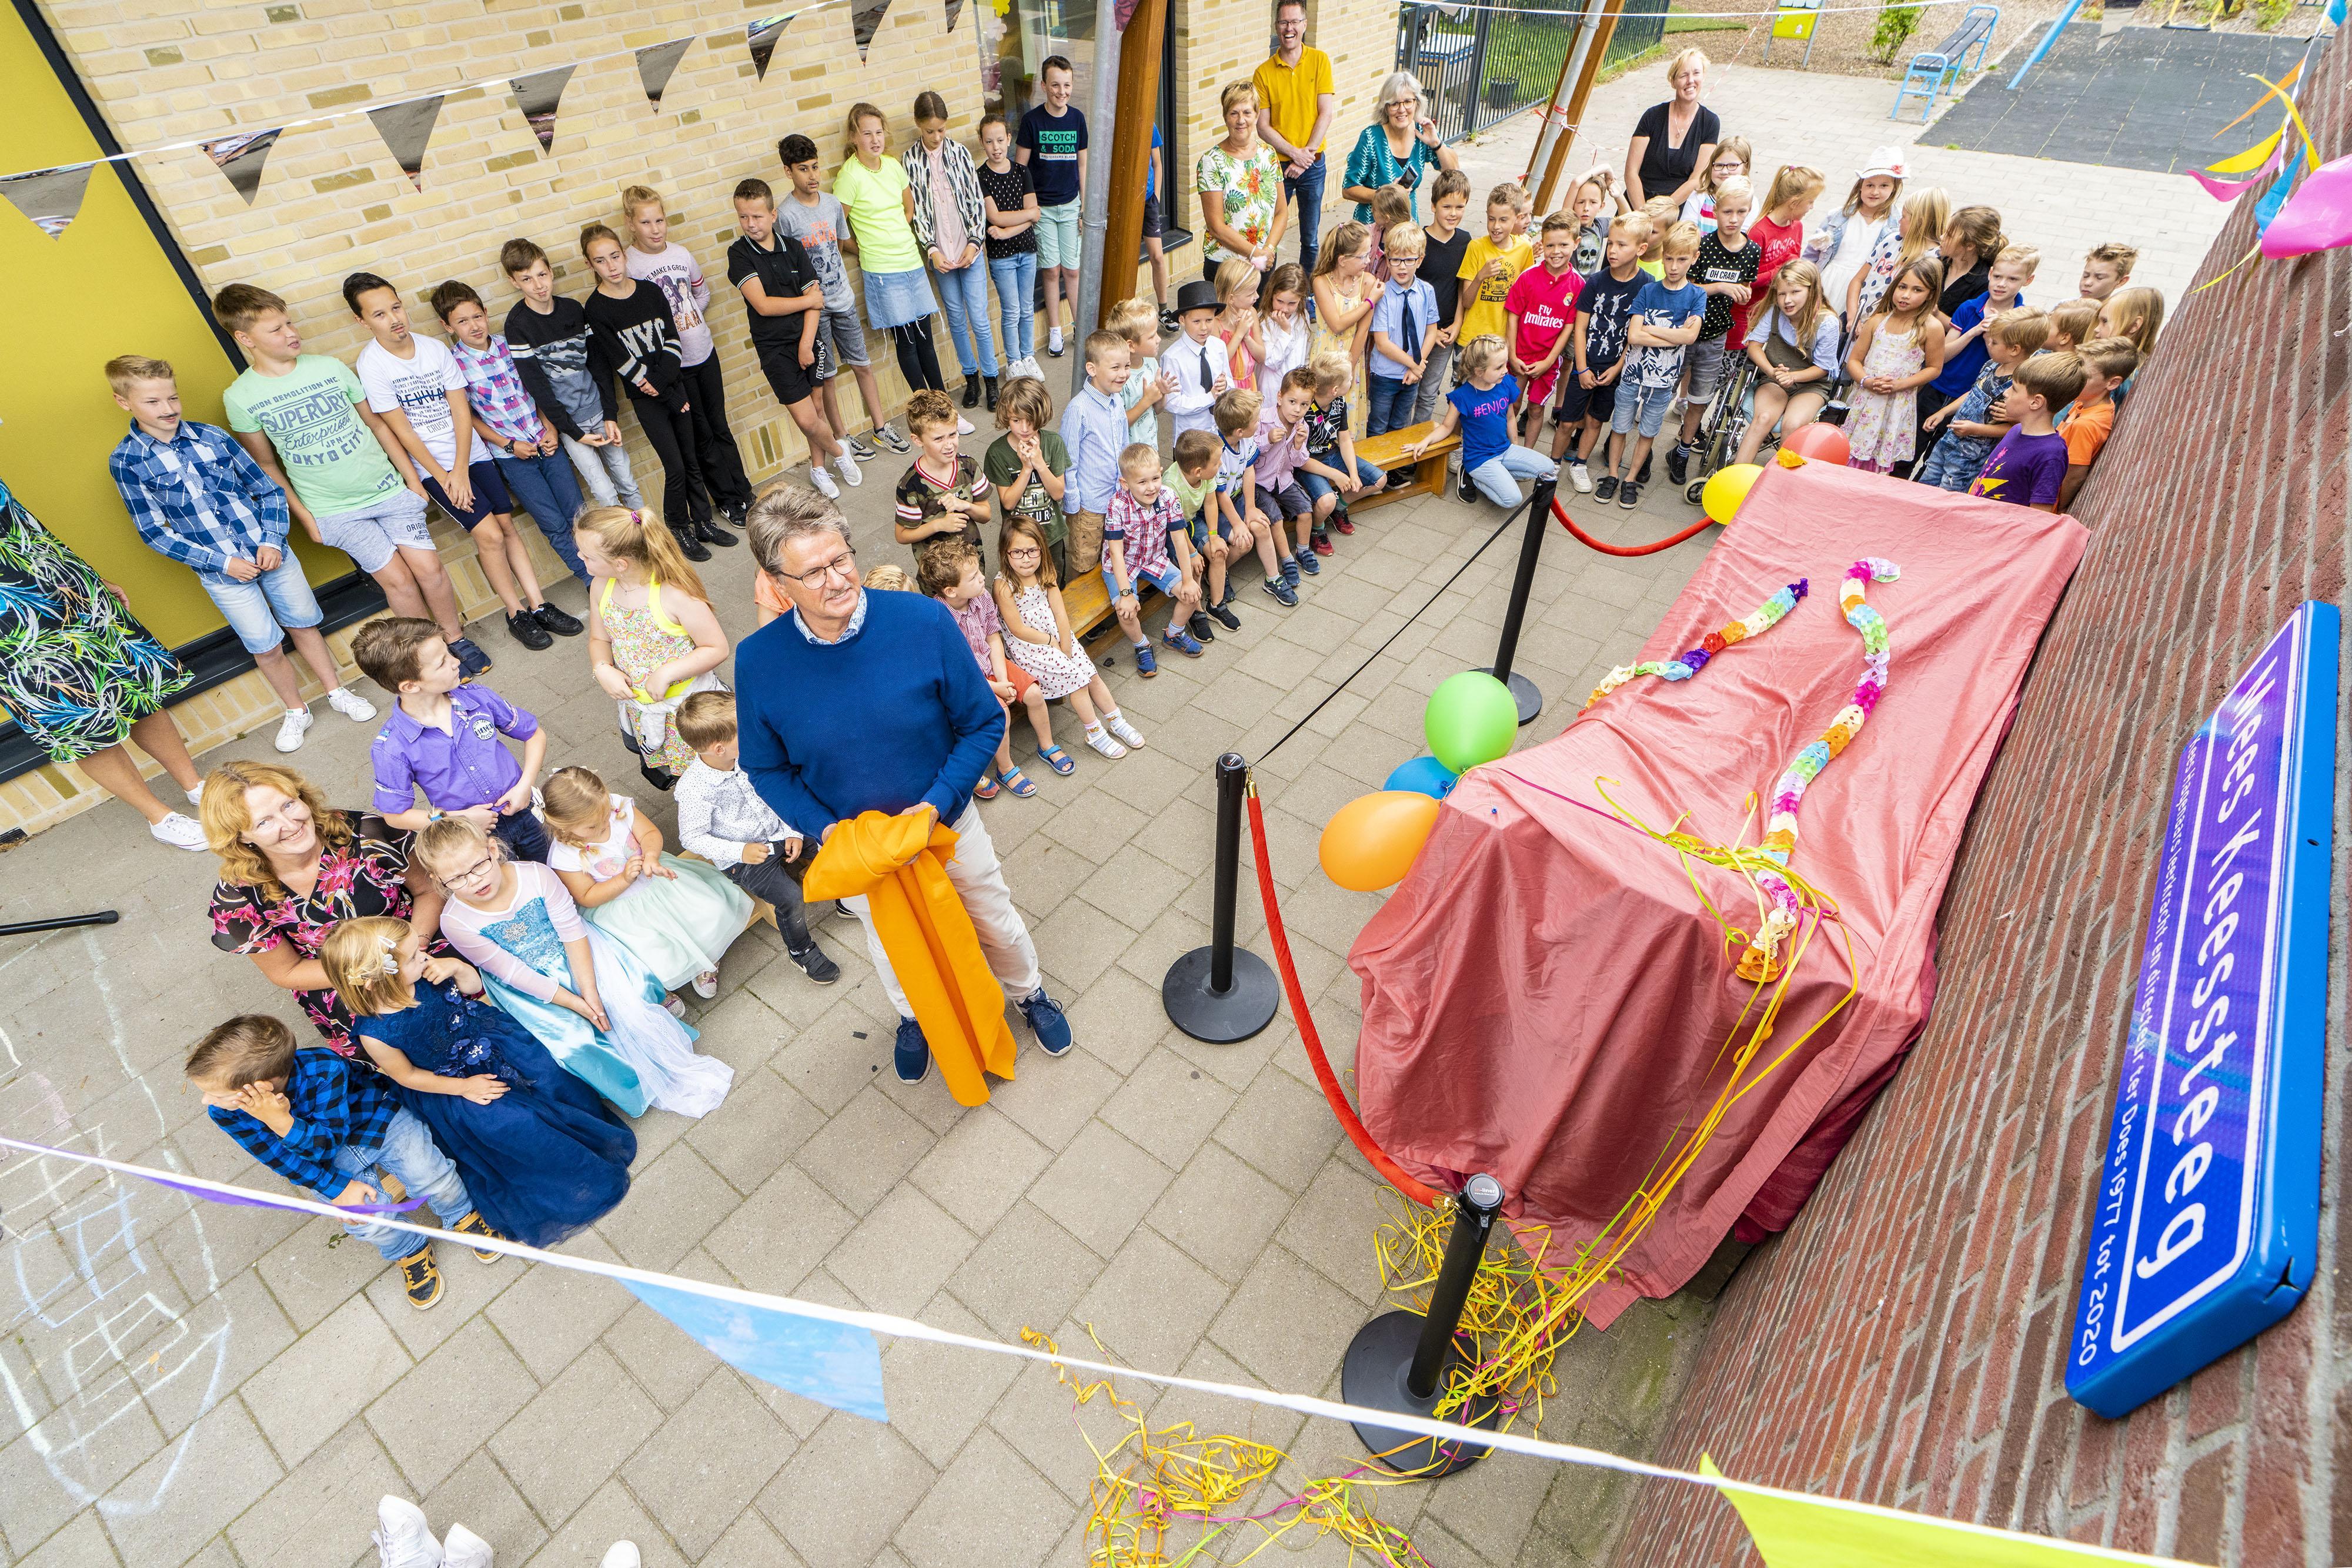 Een heel erg gepland afscheid na 43 jaar van directeur Kees Hagenaars van basisschool Ter Does in Hoogmade